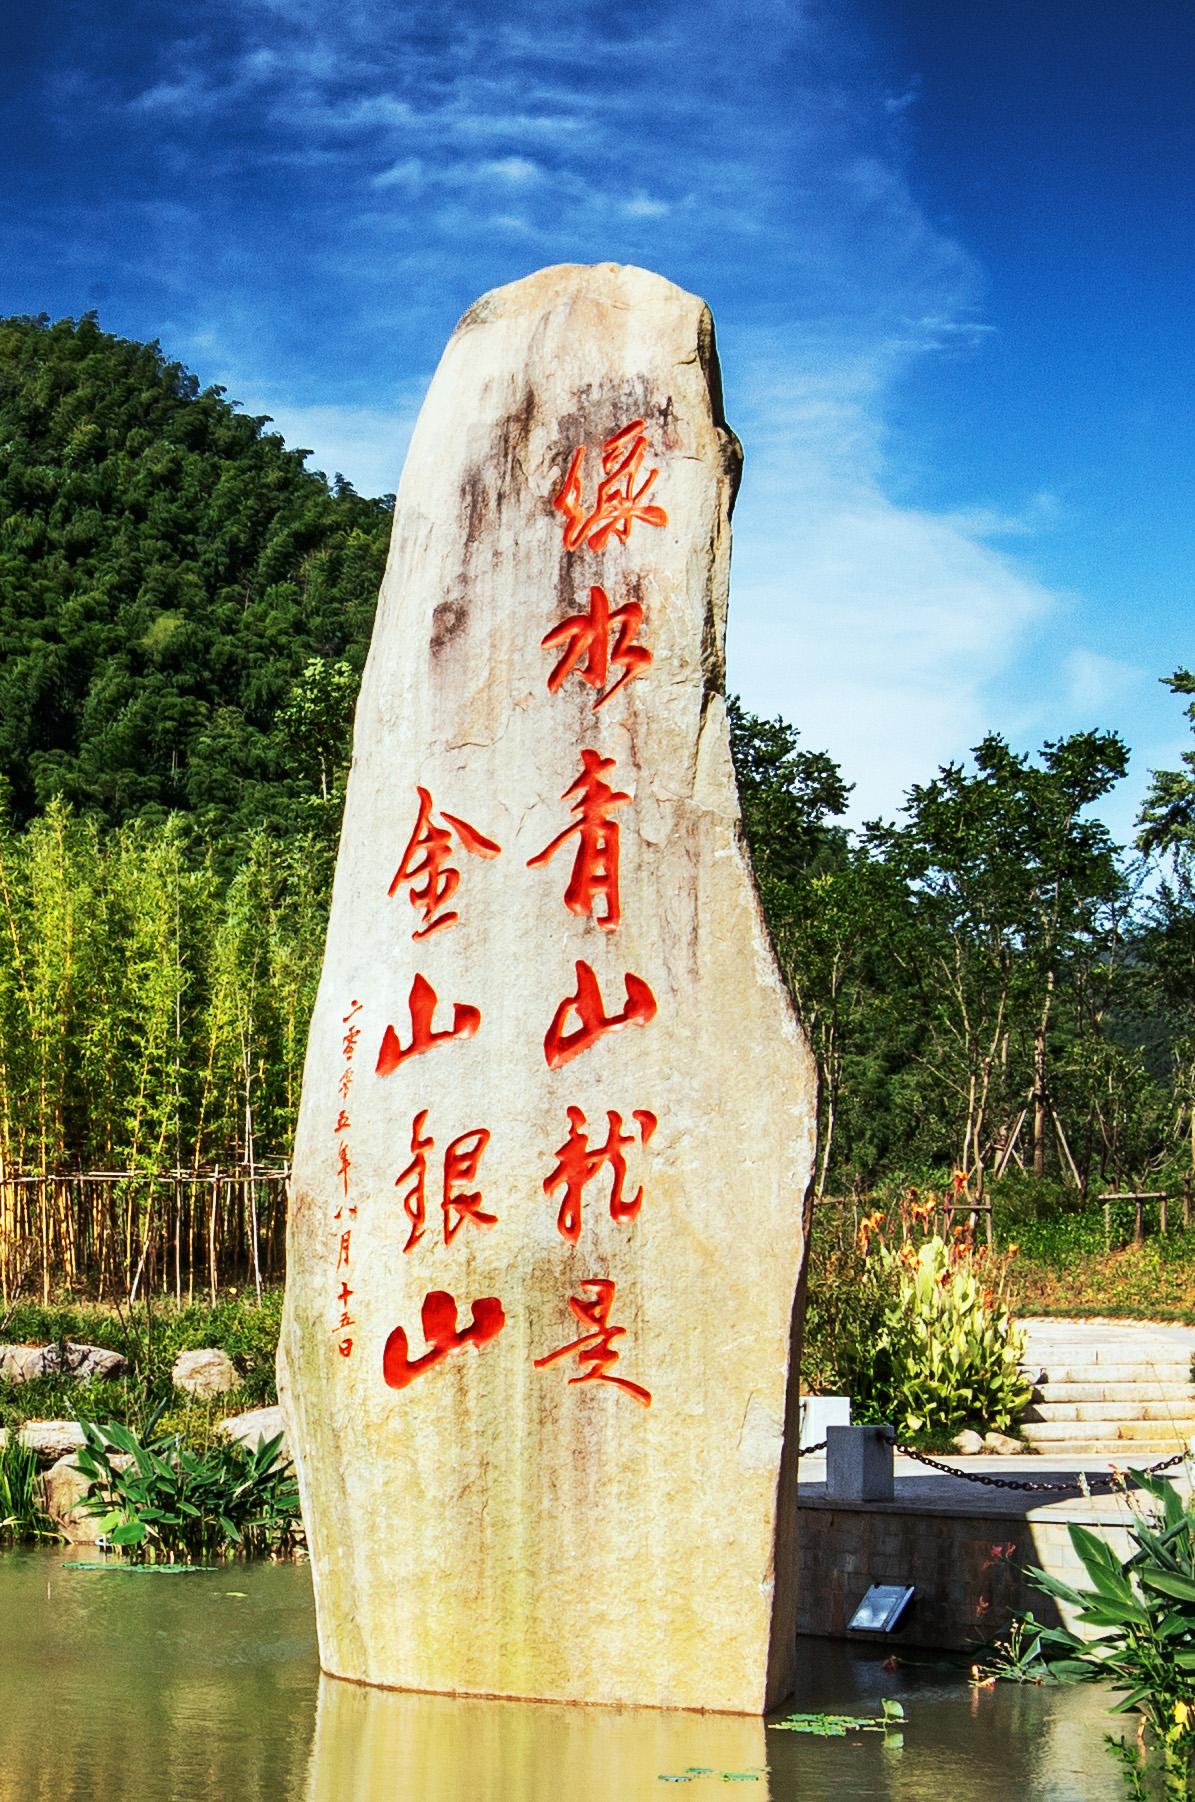 浙江安吉余村绿水青山就是金山银山石刻书法由梁平波题写